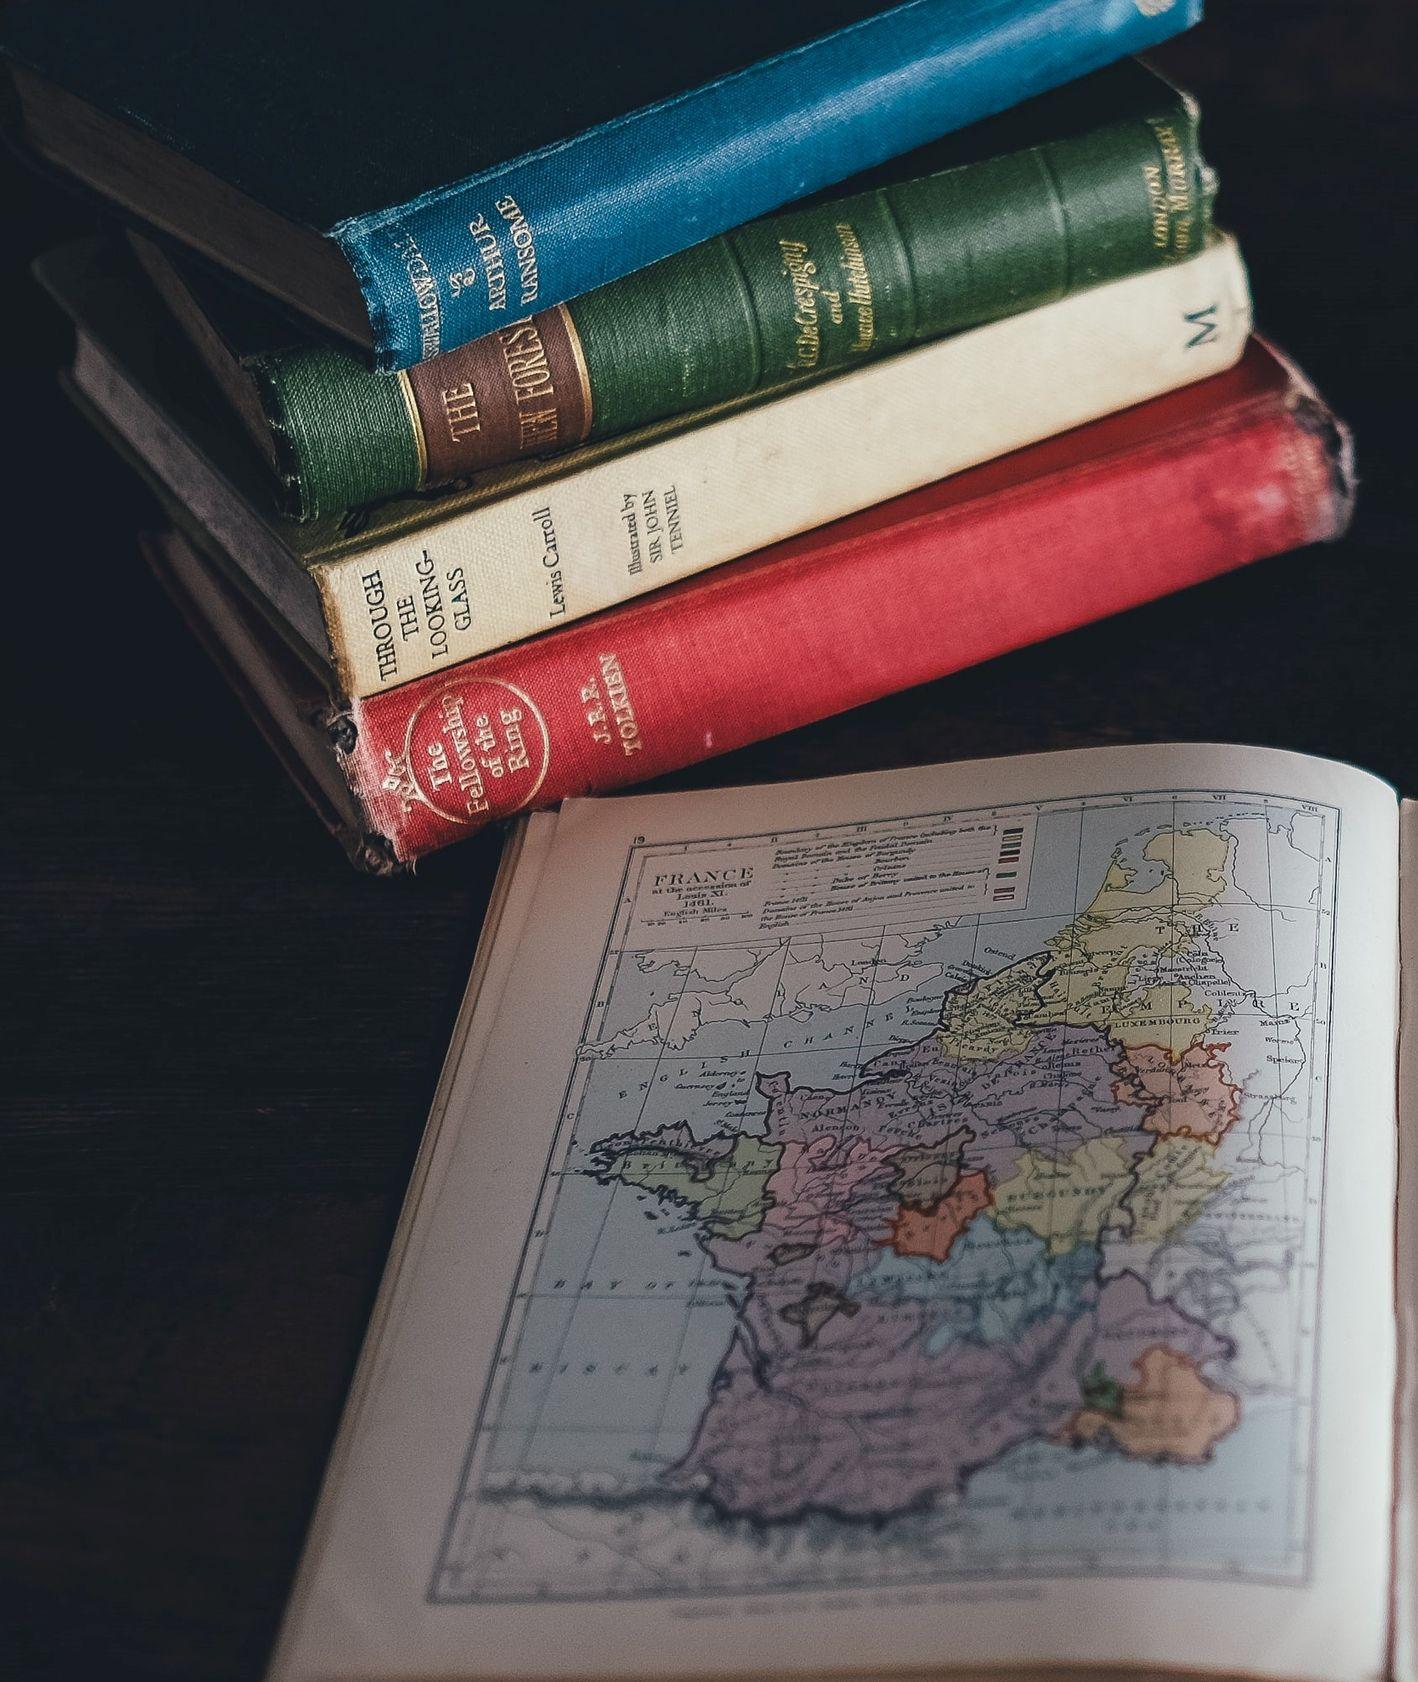 Cztery książki na stosie i jedna otwarta na stronie z mapą Francji (fot. Annie Spratt / unsplash.com)